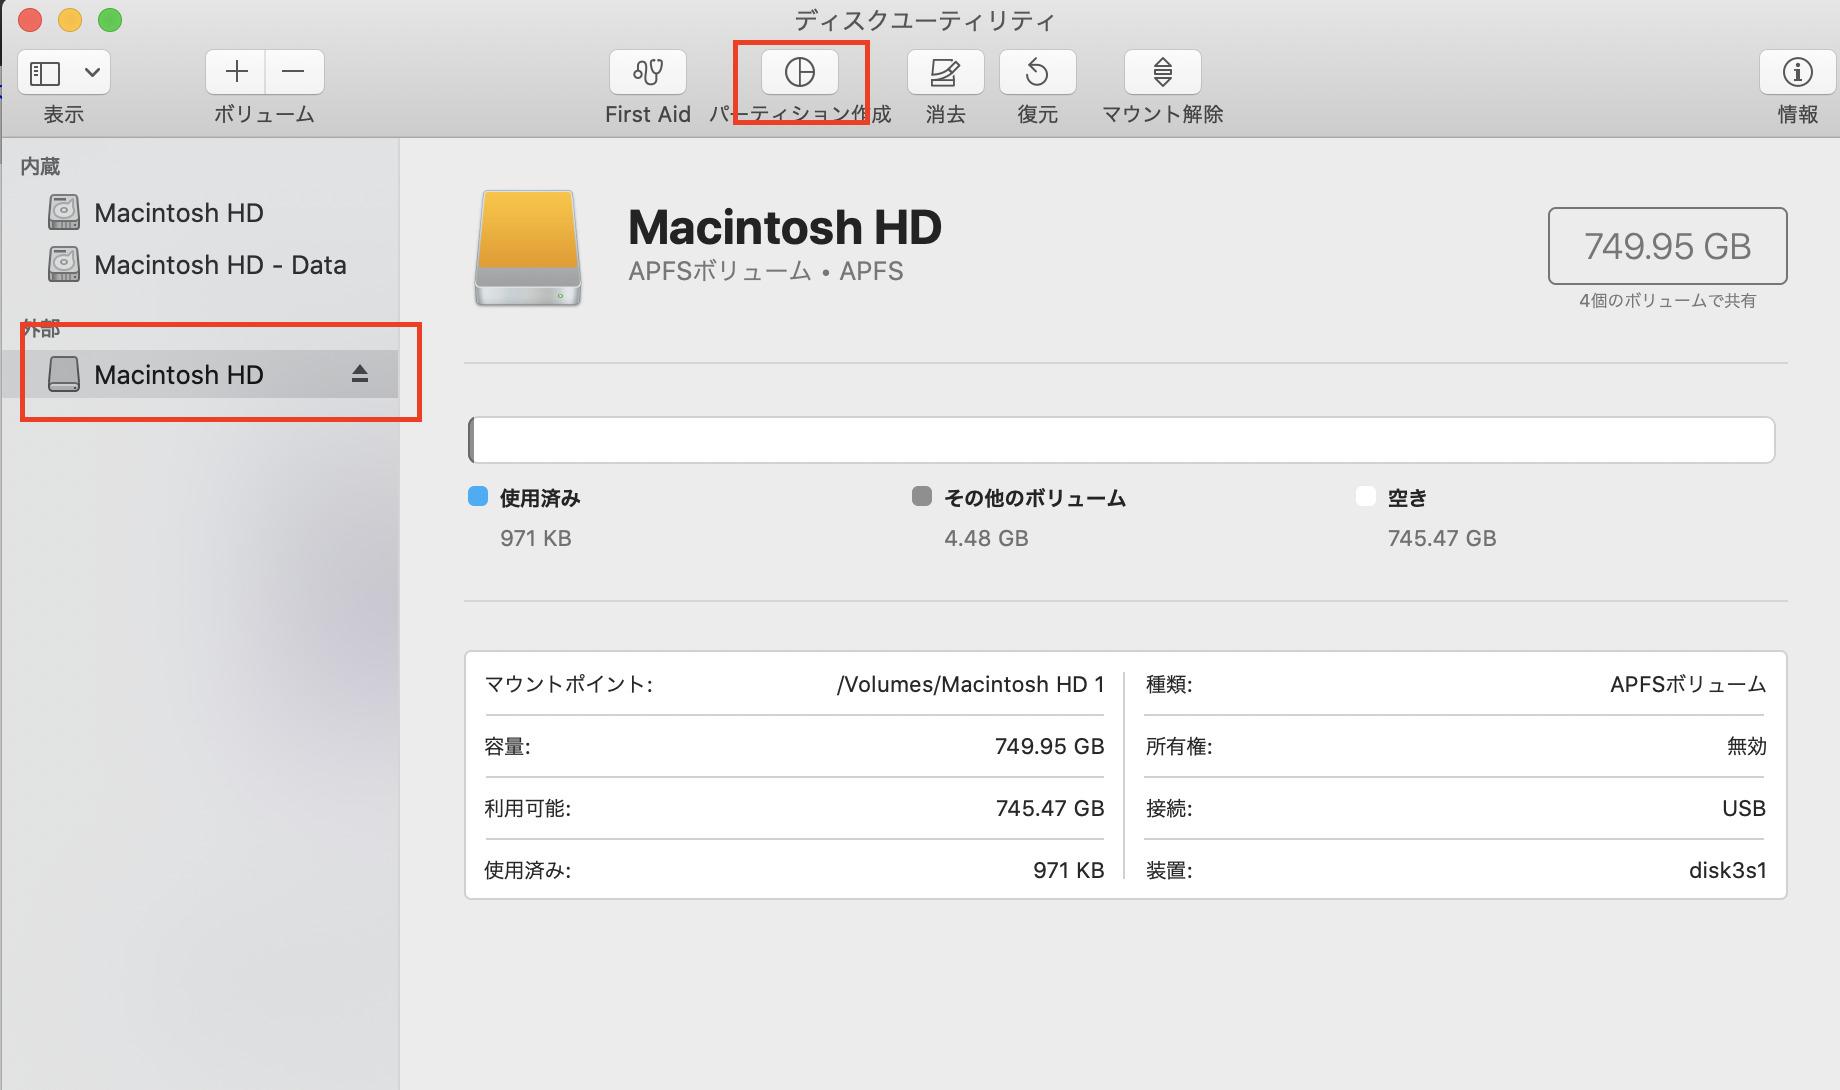 mac-ssd-hdd-format